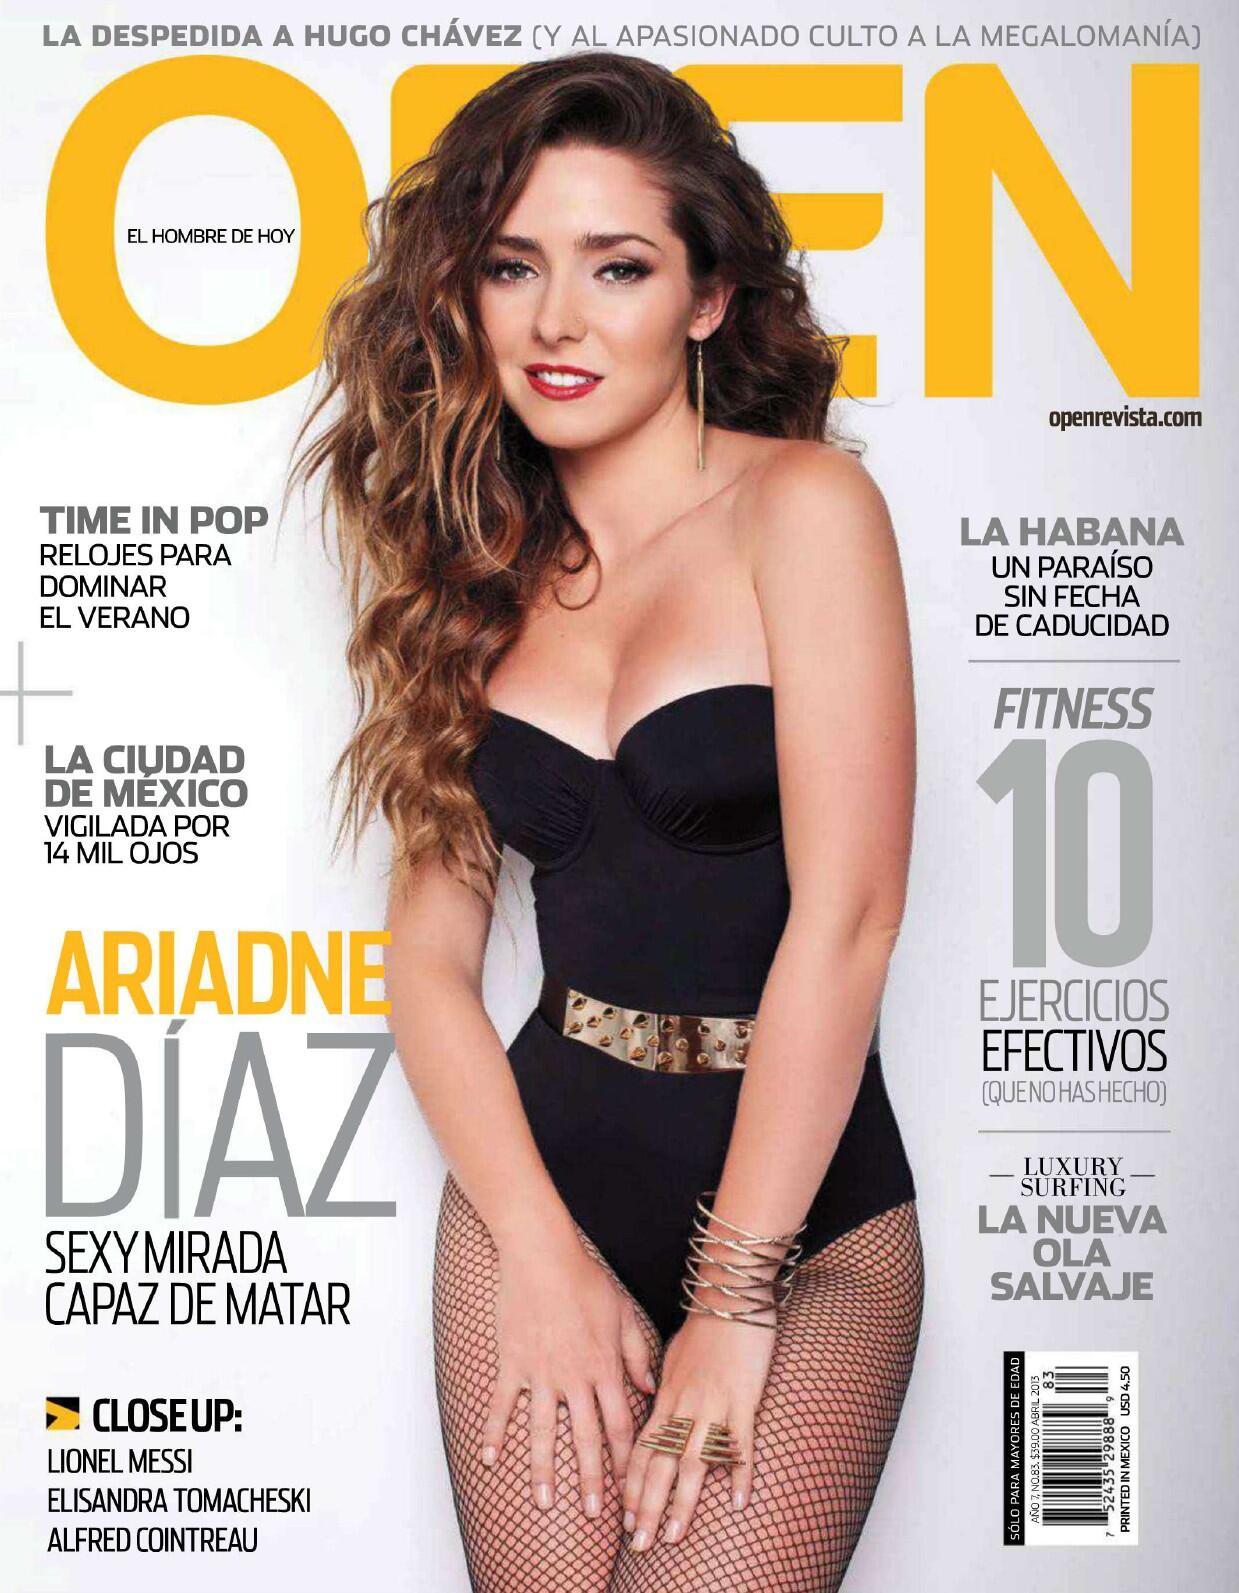 su gran sensualidad en la portada de la revista open